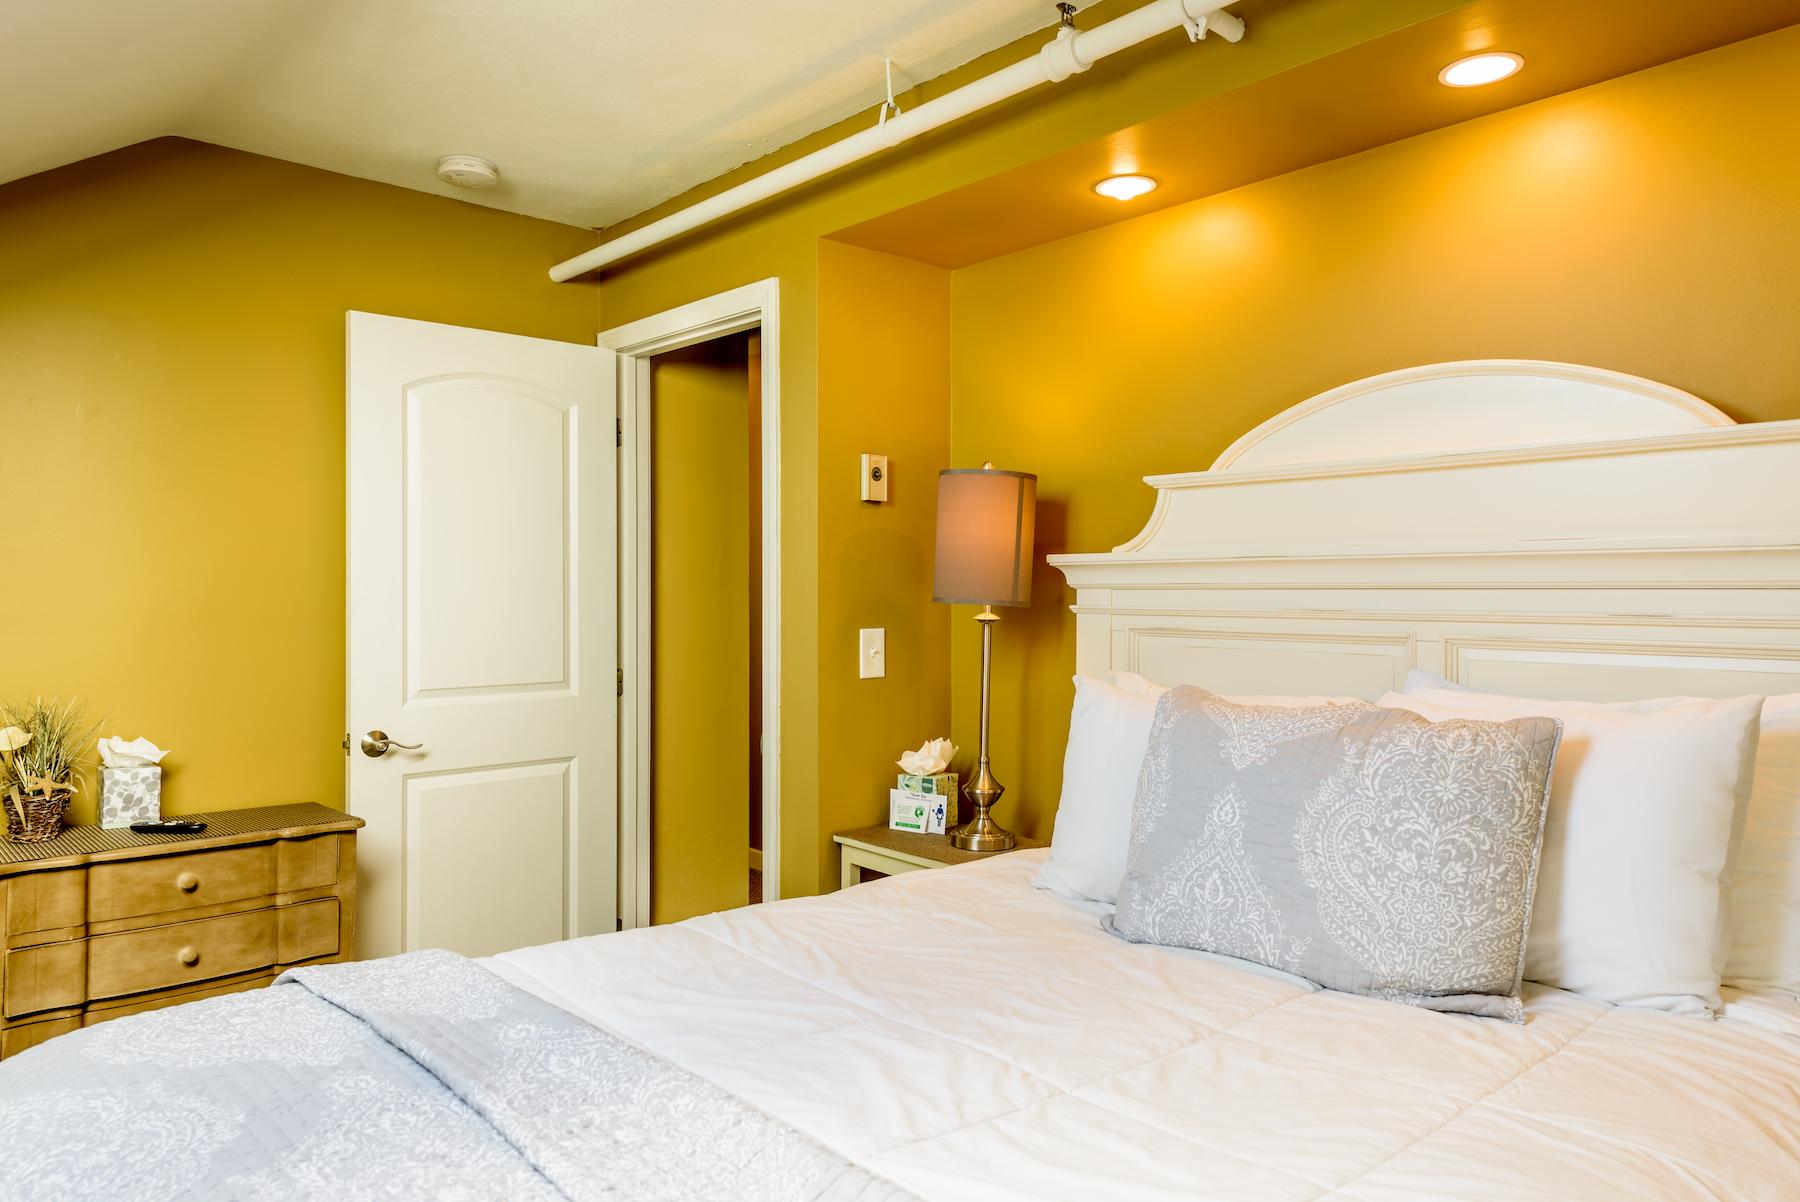 Inn-Room-16-and-Bathrooms-20180418-061-Copy-1